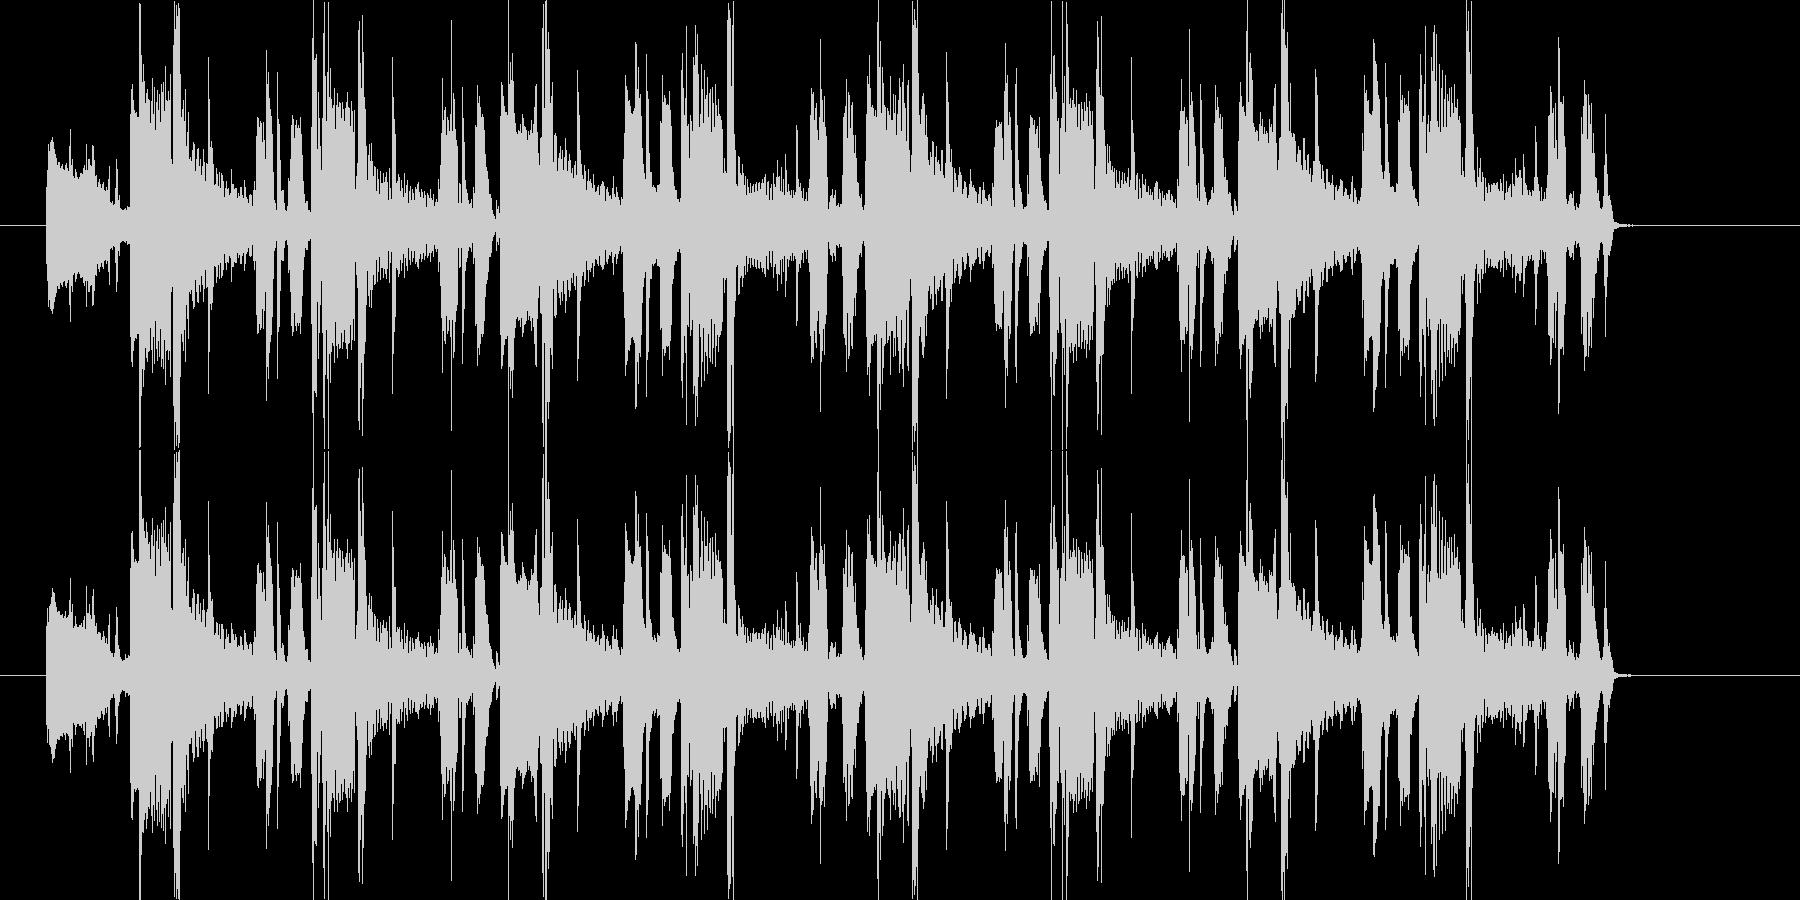 オシャレなR&B系BGMの未再生の波形